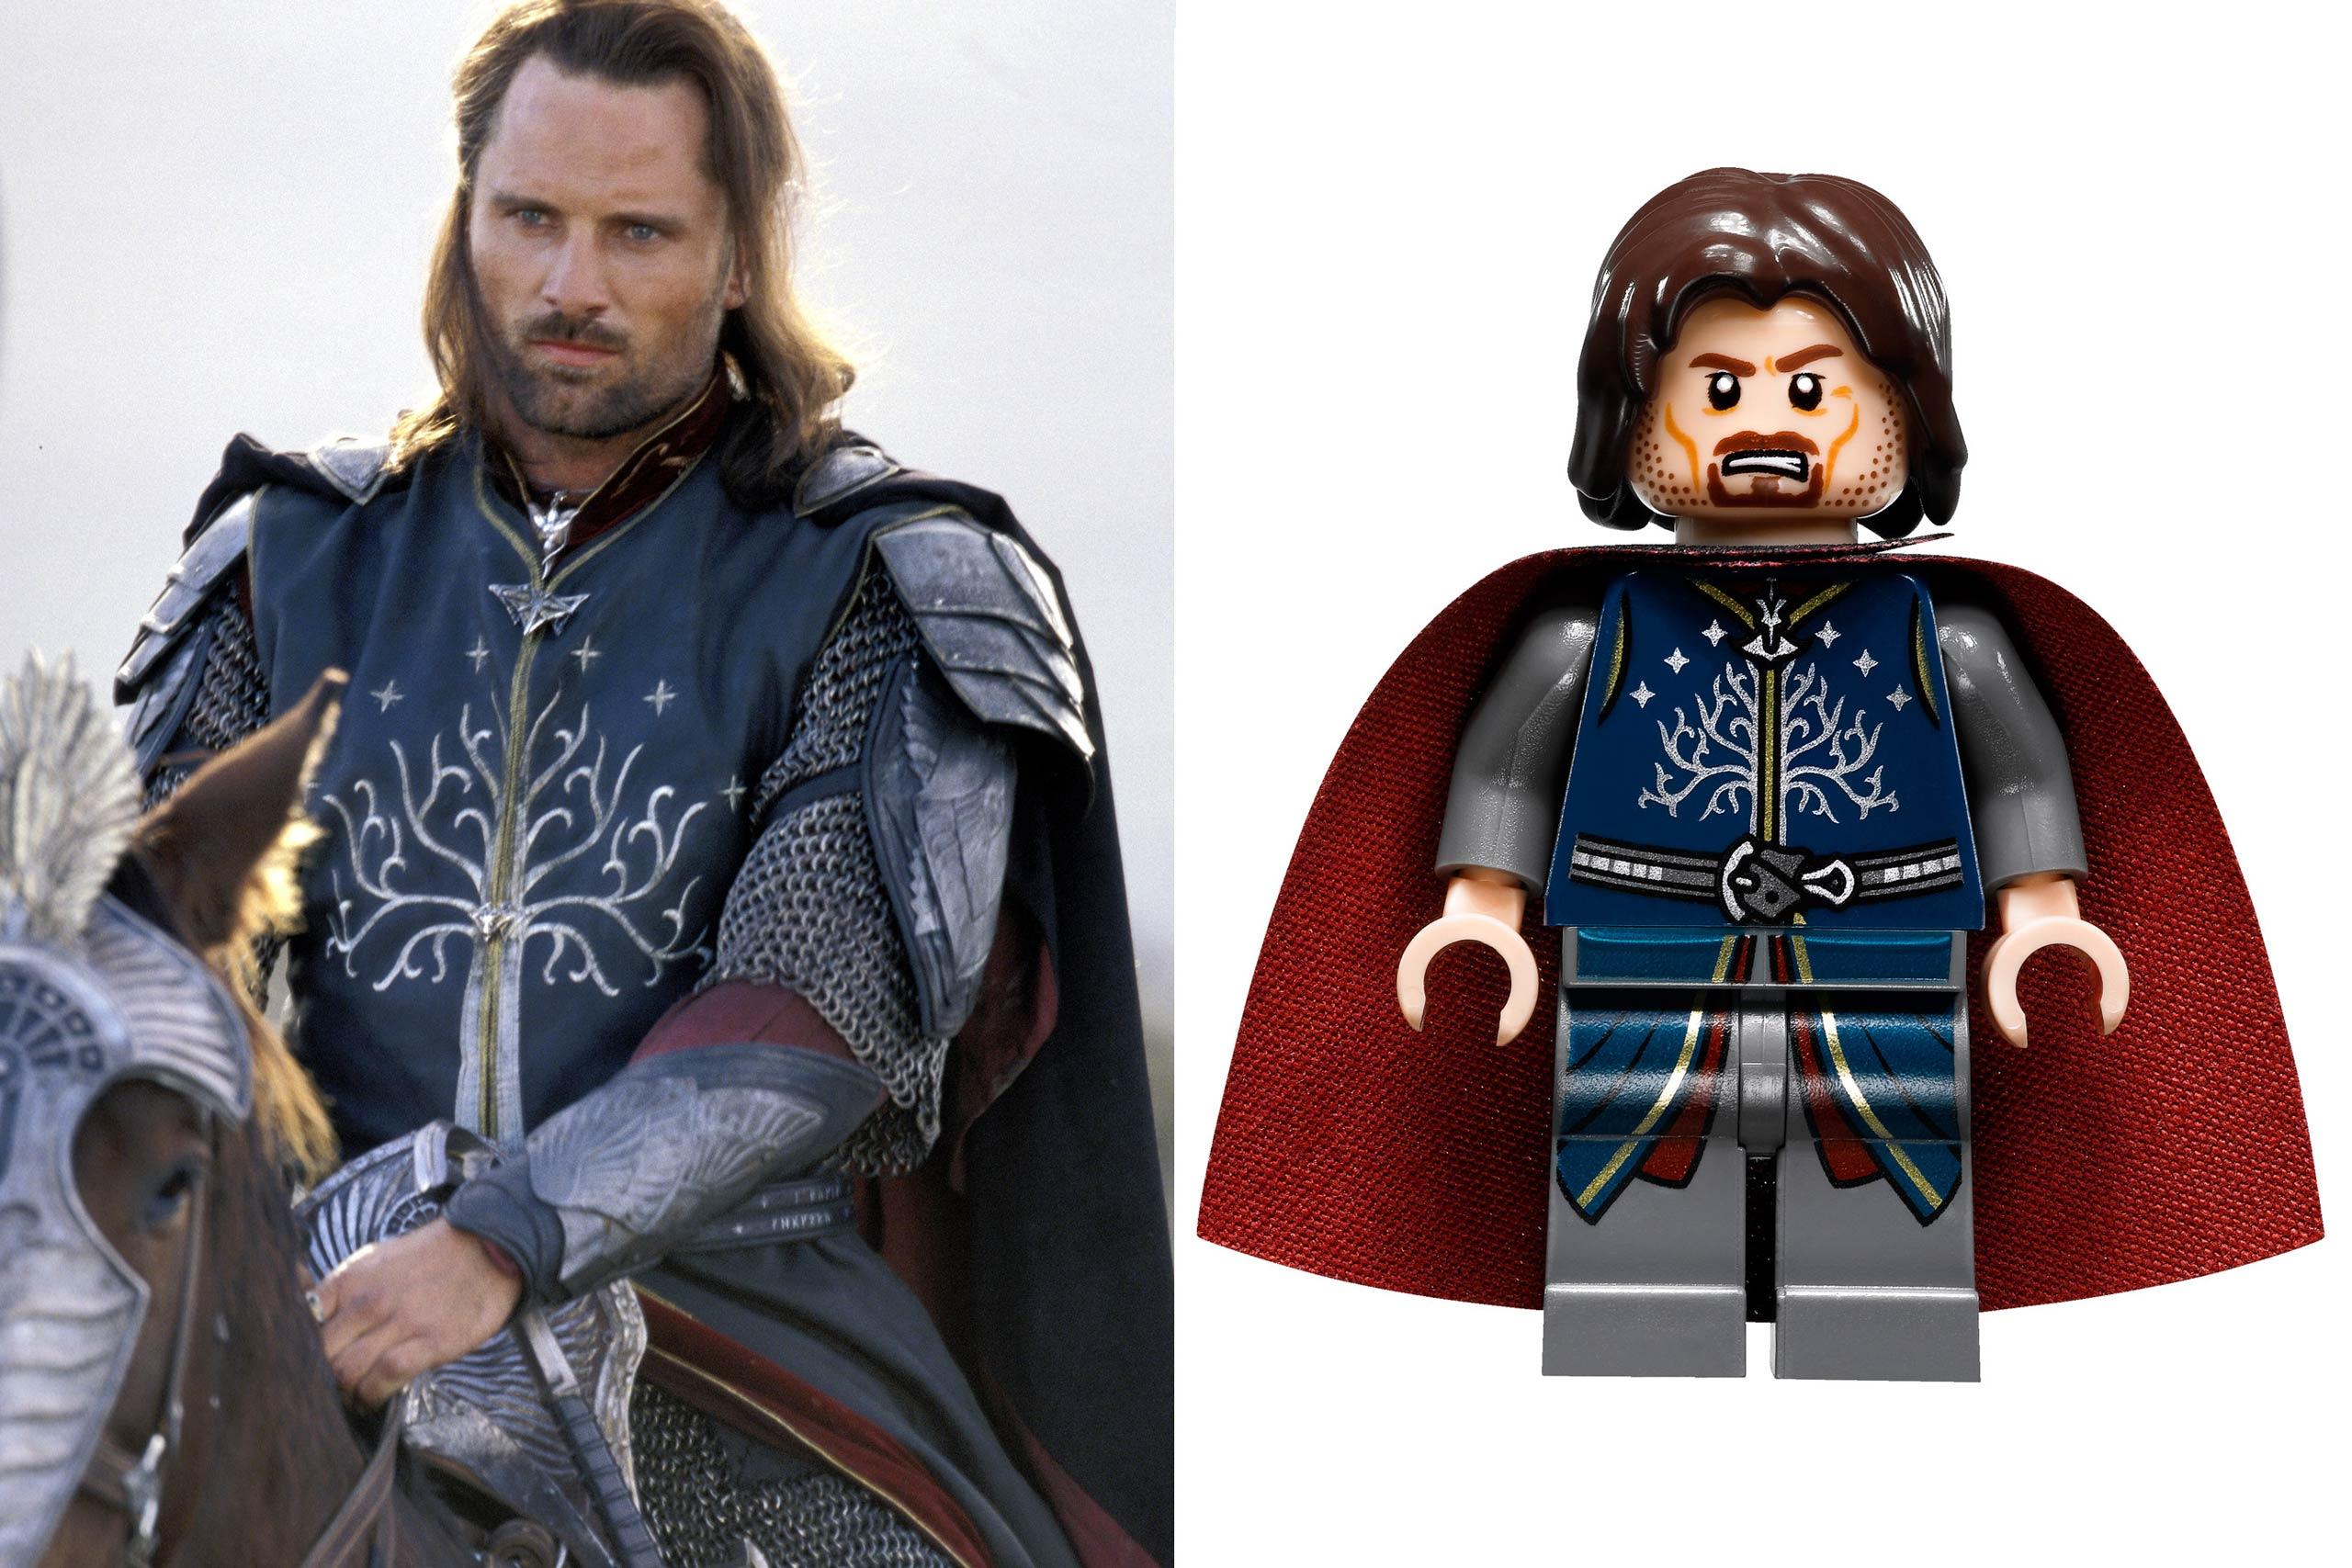 <strong>Viggo Mortensen: Aragorn</strong>